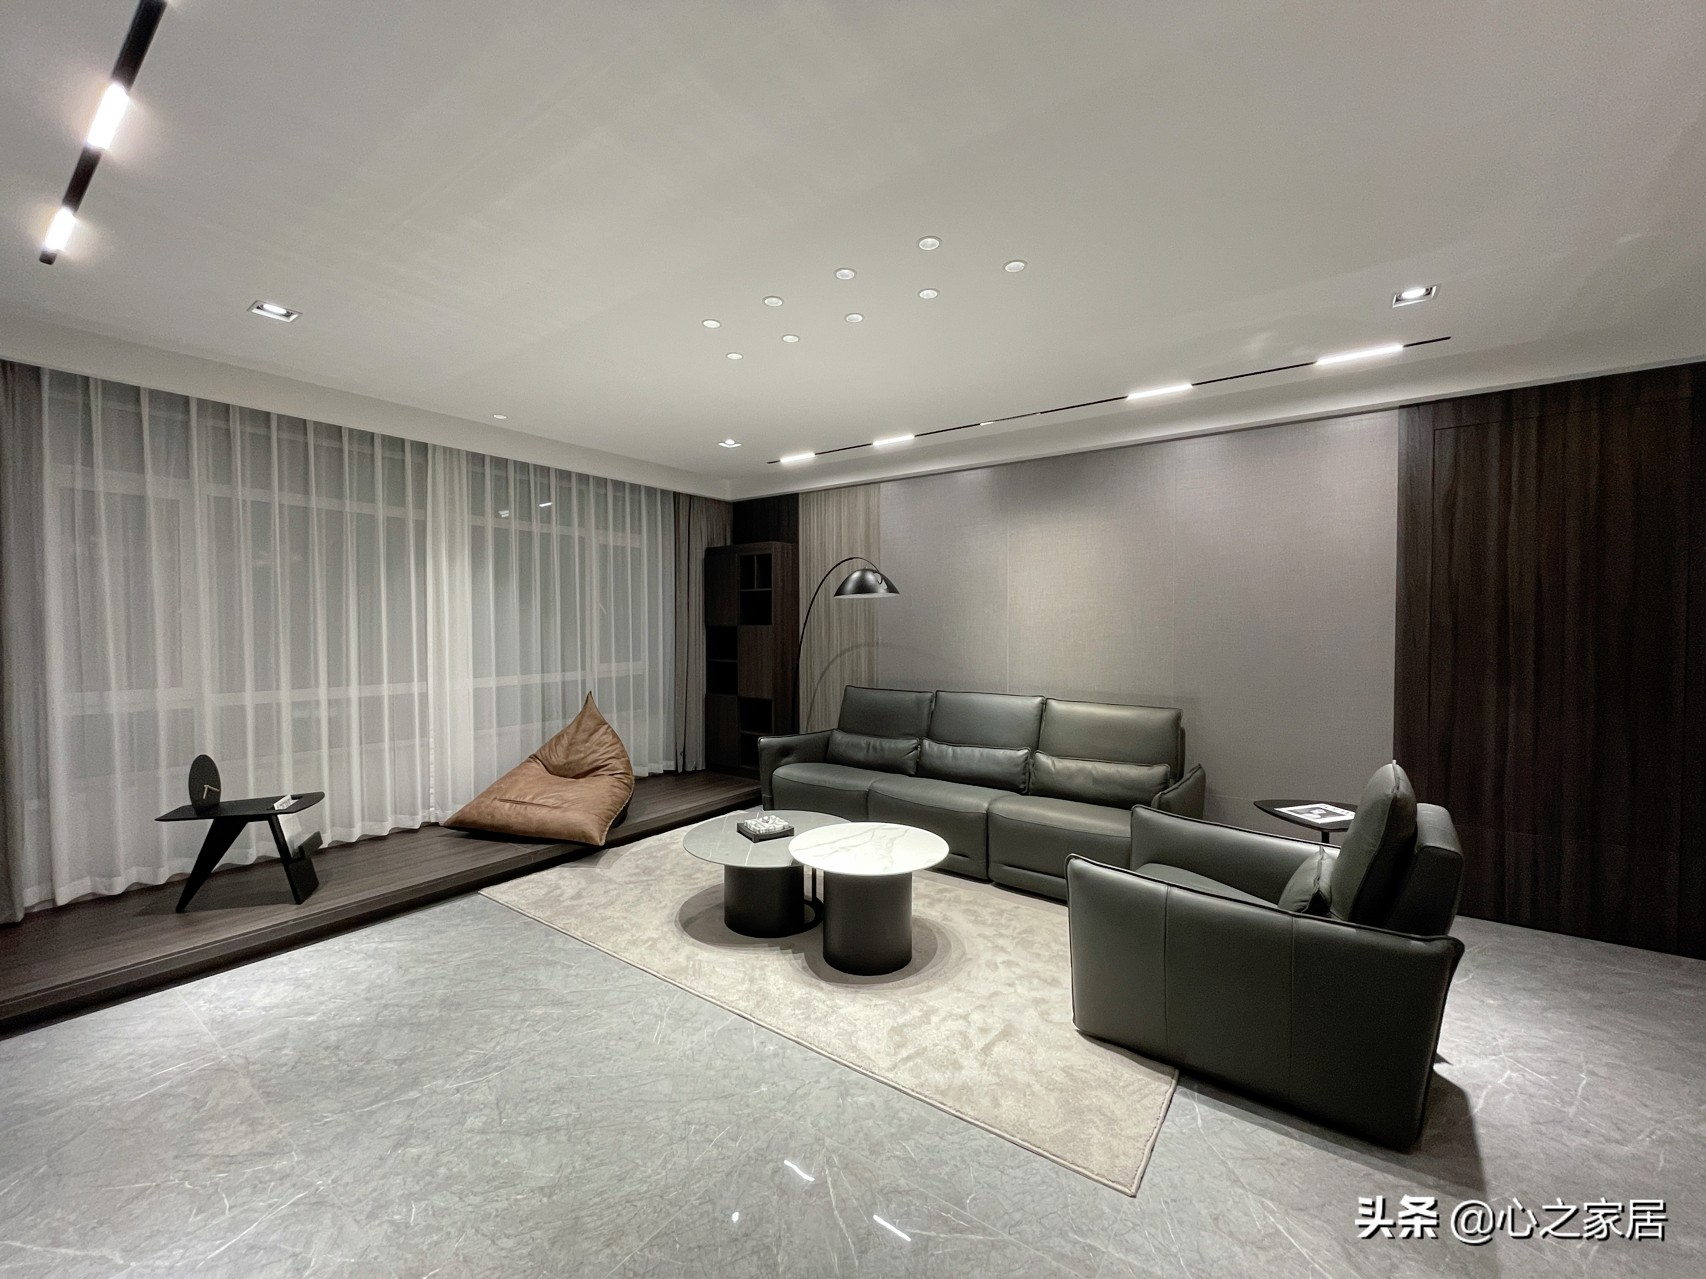 家装设计选择深色系,一点都不会感觉压抑昏暗,低调气质高调的美